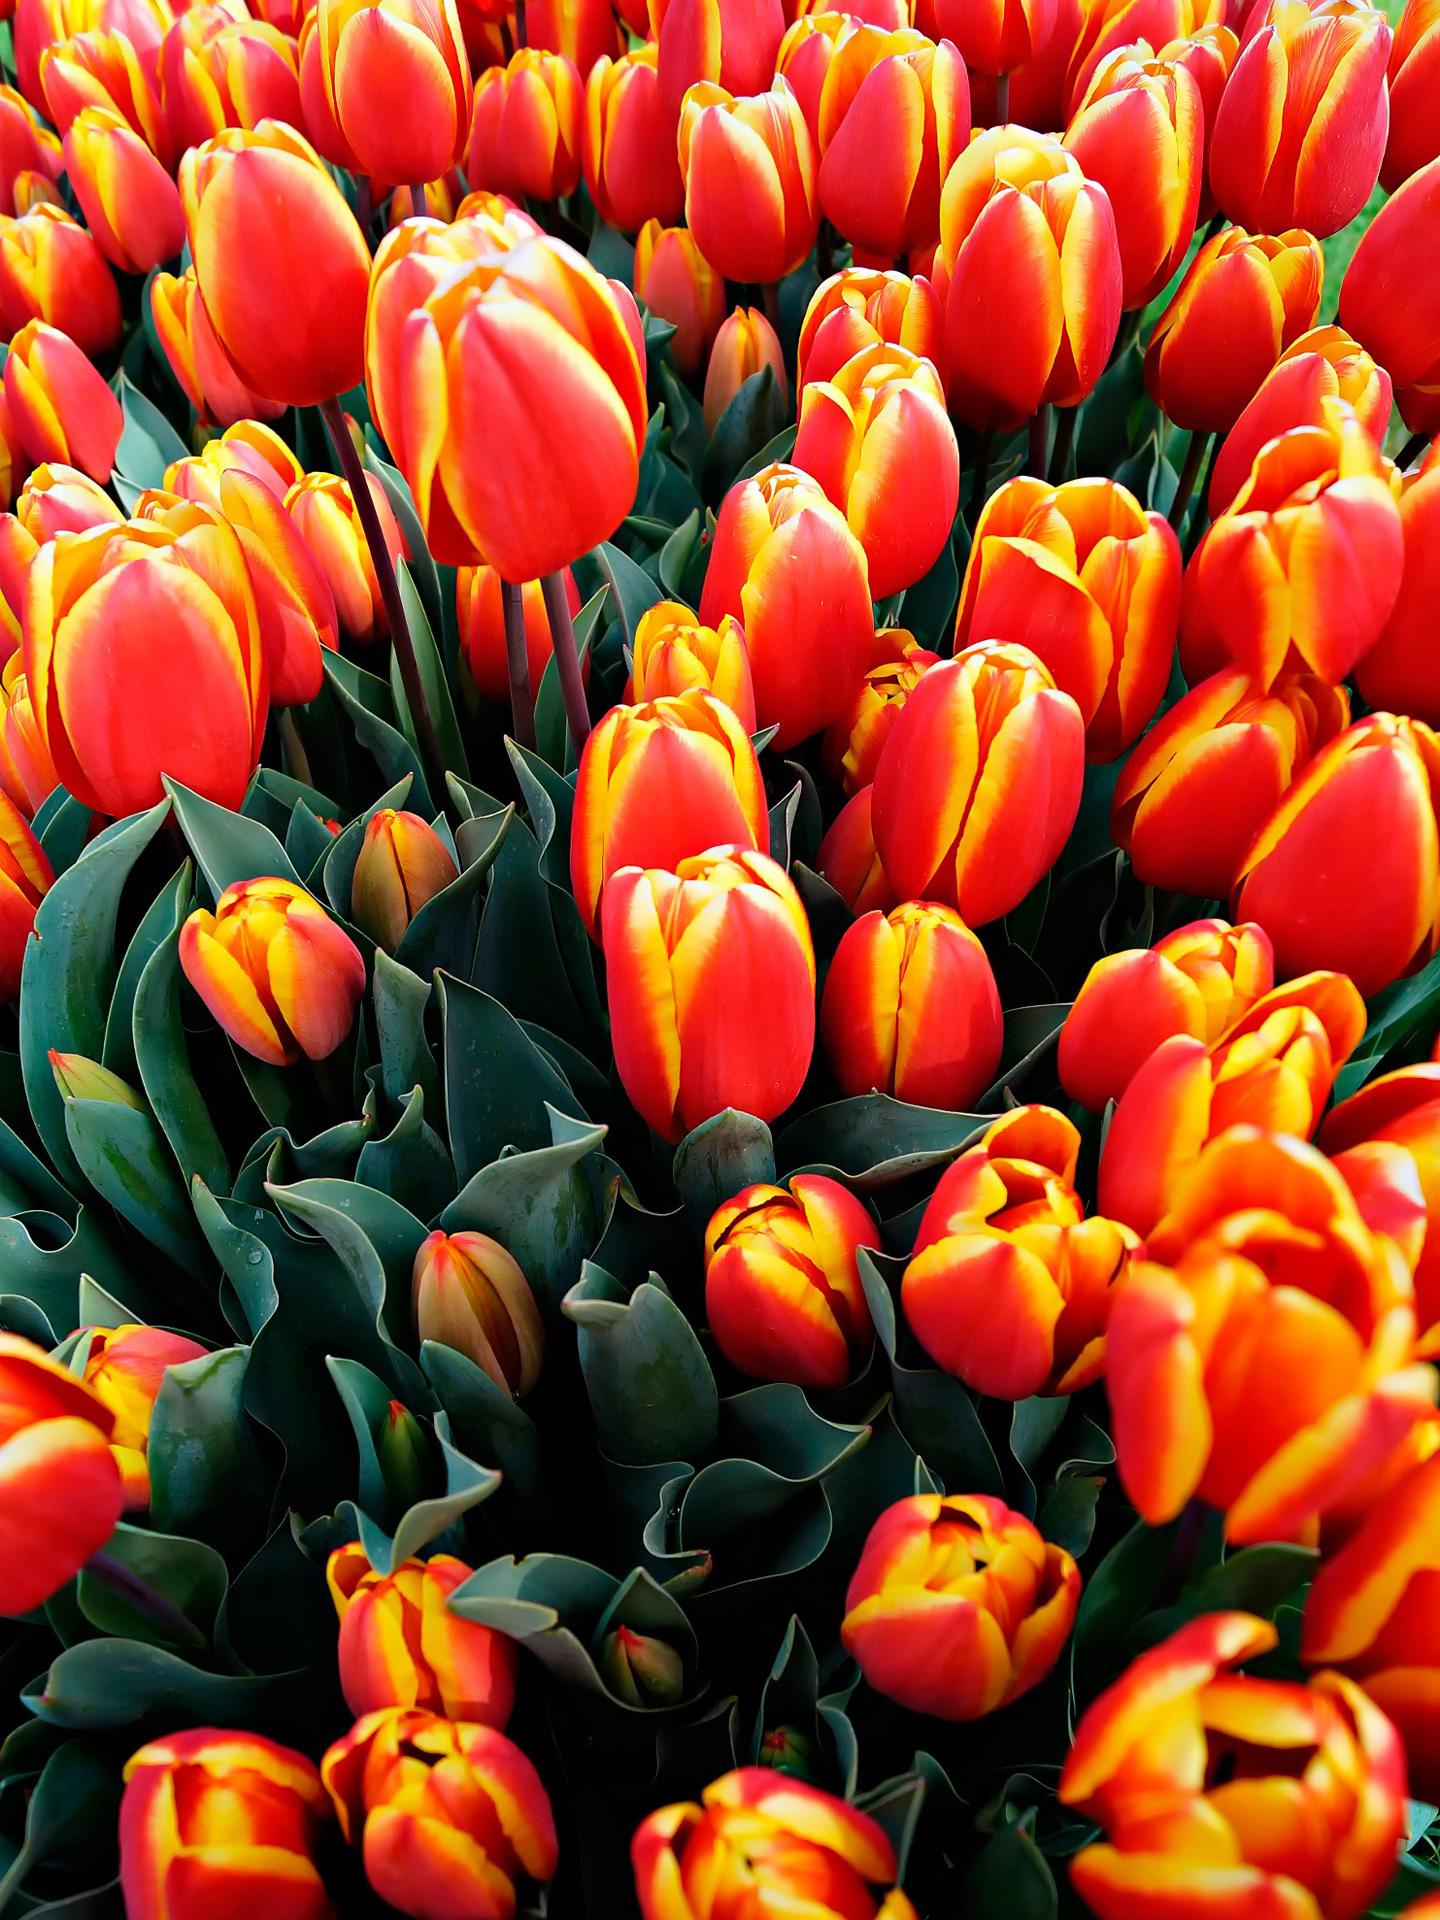 tulip-photo-114